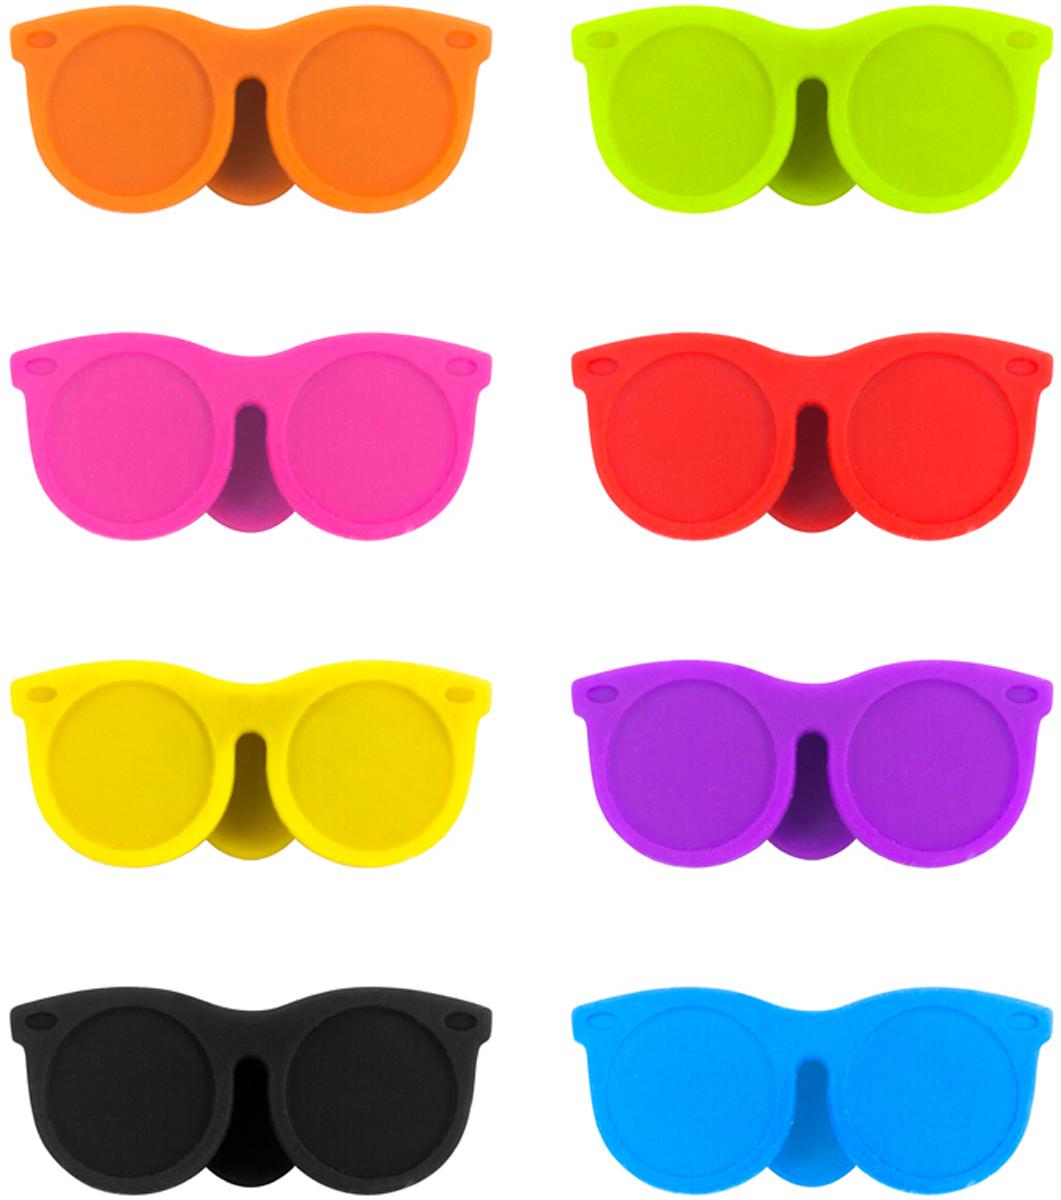 Маркеры для бокалов Balvi Sunny, 8 шт маркеры для бокалов birdies 6шт